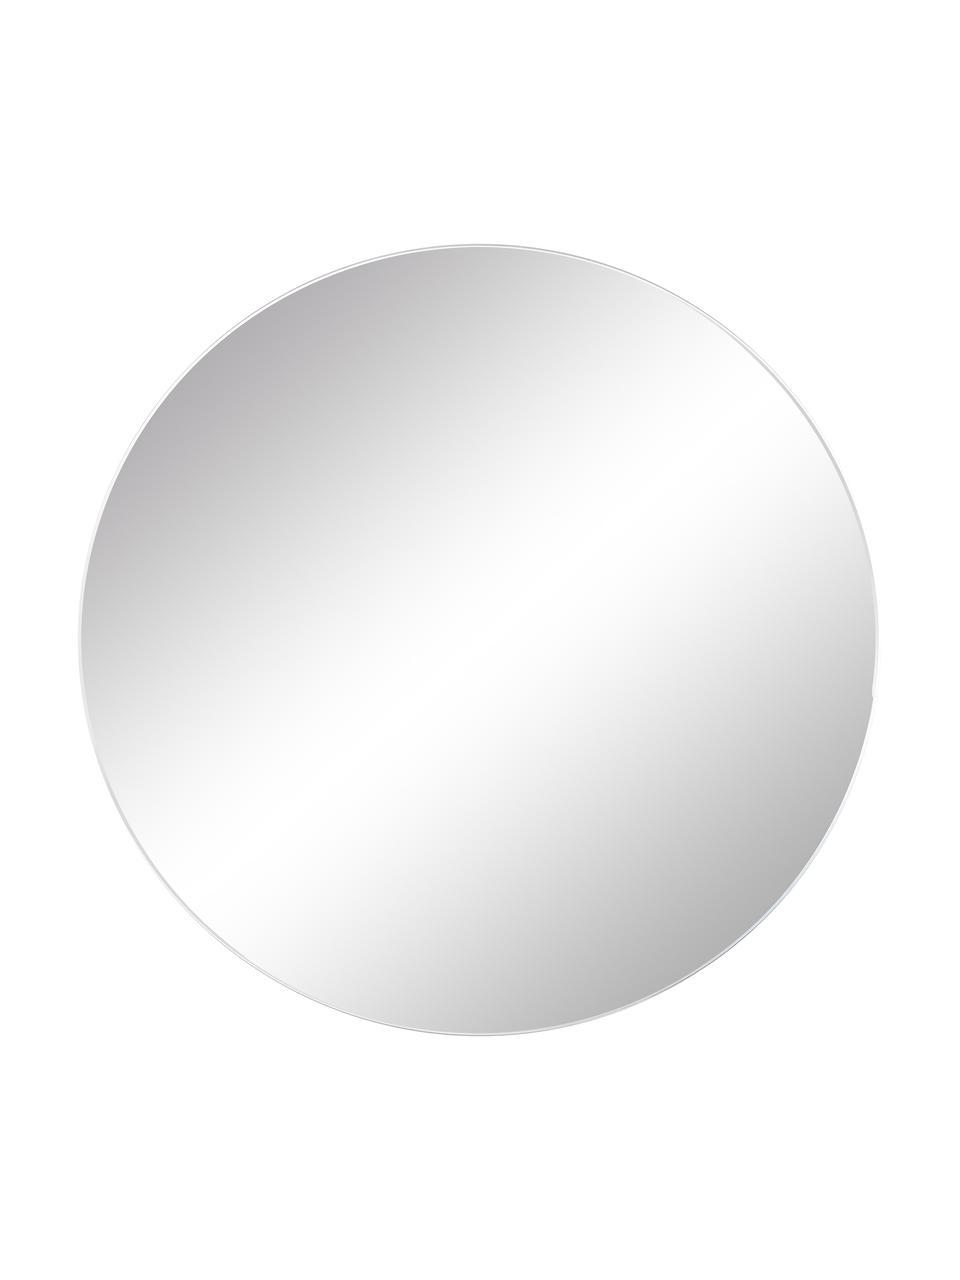 Specchio rotondo da parete senza cornice Erin, Superficie dello specchio: lastra di vetro, Retro: pannello di fibra a media, Superficie dello specchio: lastra di vetro Bordo esterno dello specchio: nero, Ø 55